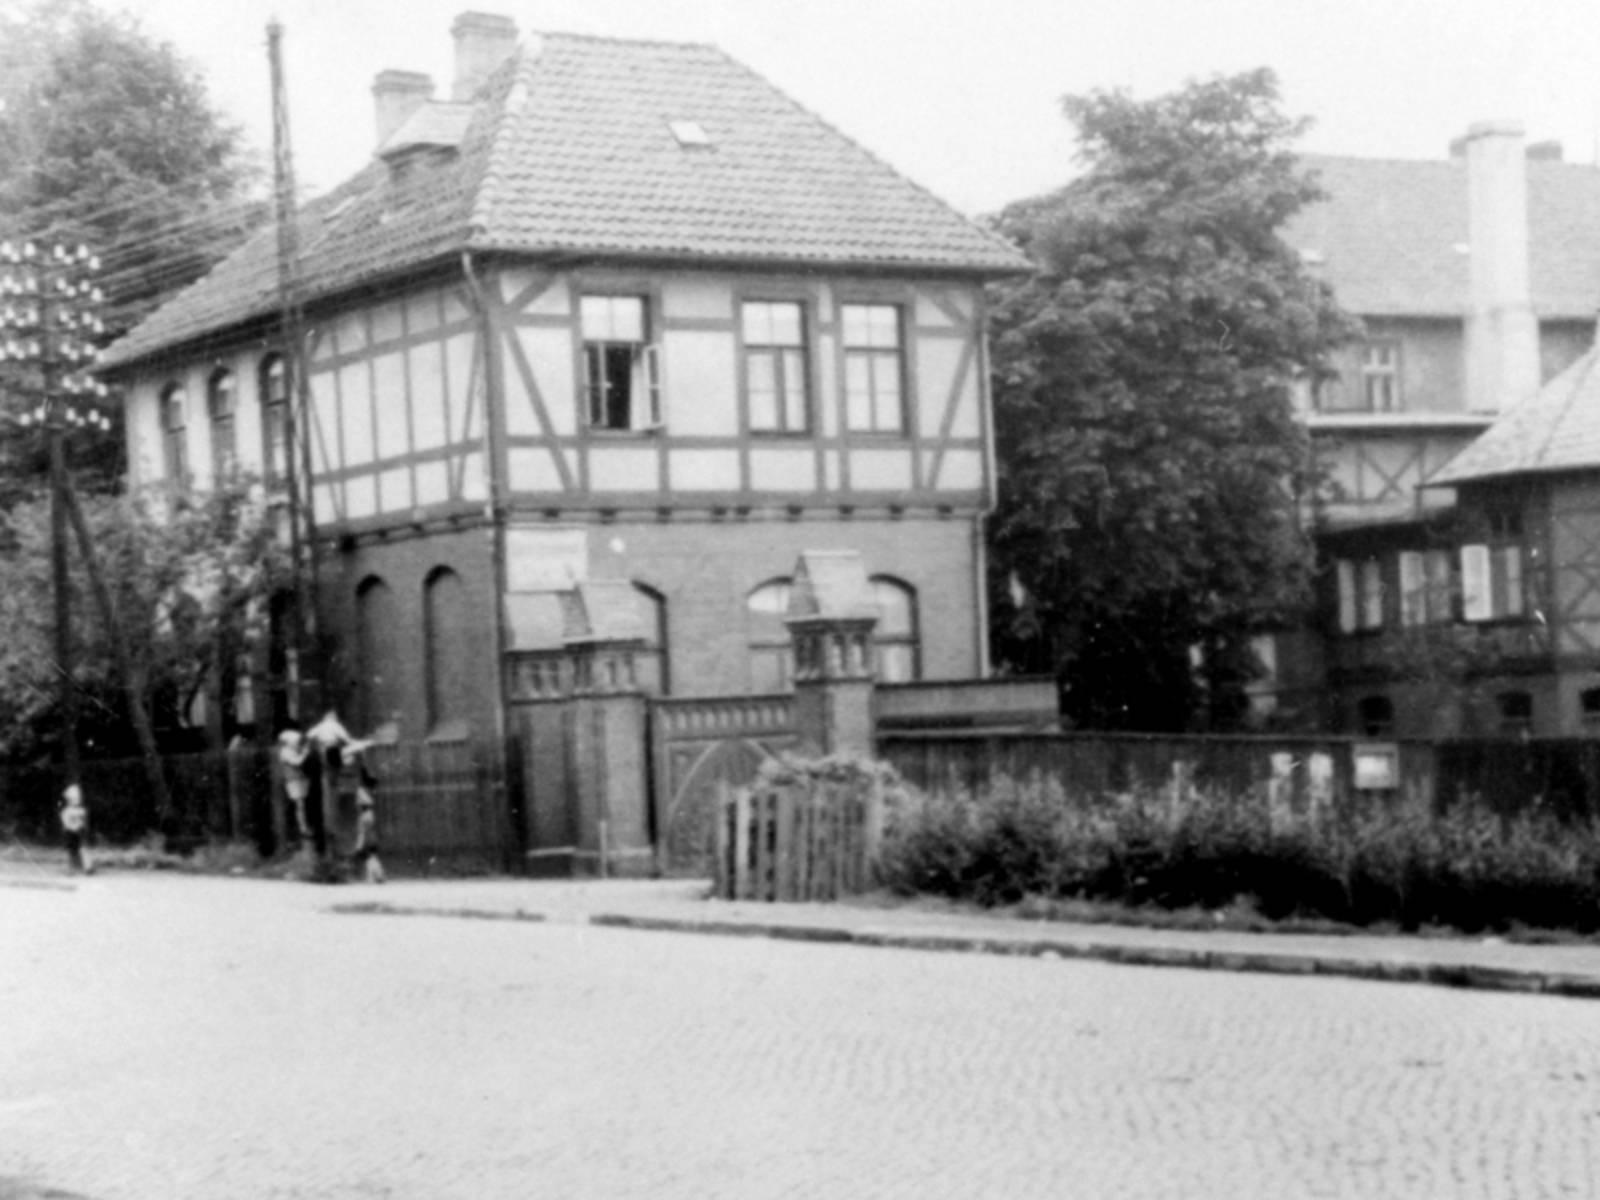 Schwarz-Weiß-Foto: Hinter einem gemauerten Eingangstor steht ein Ensemble mehrerer mehrgeschossiger Fachwerkhäuser.